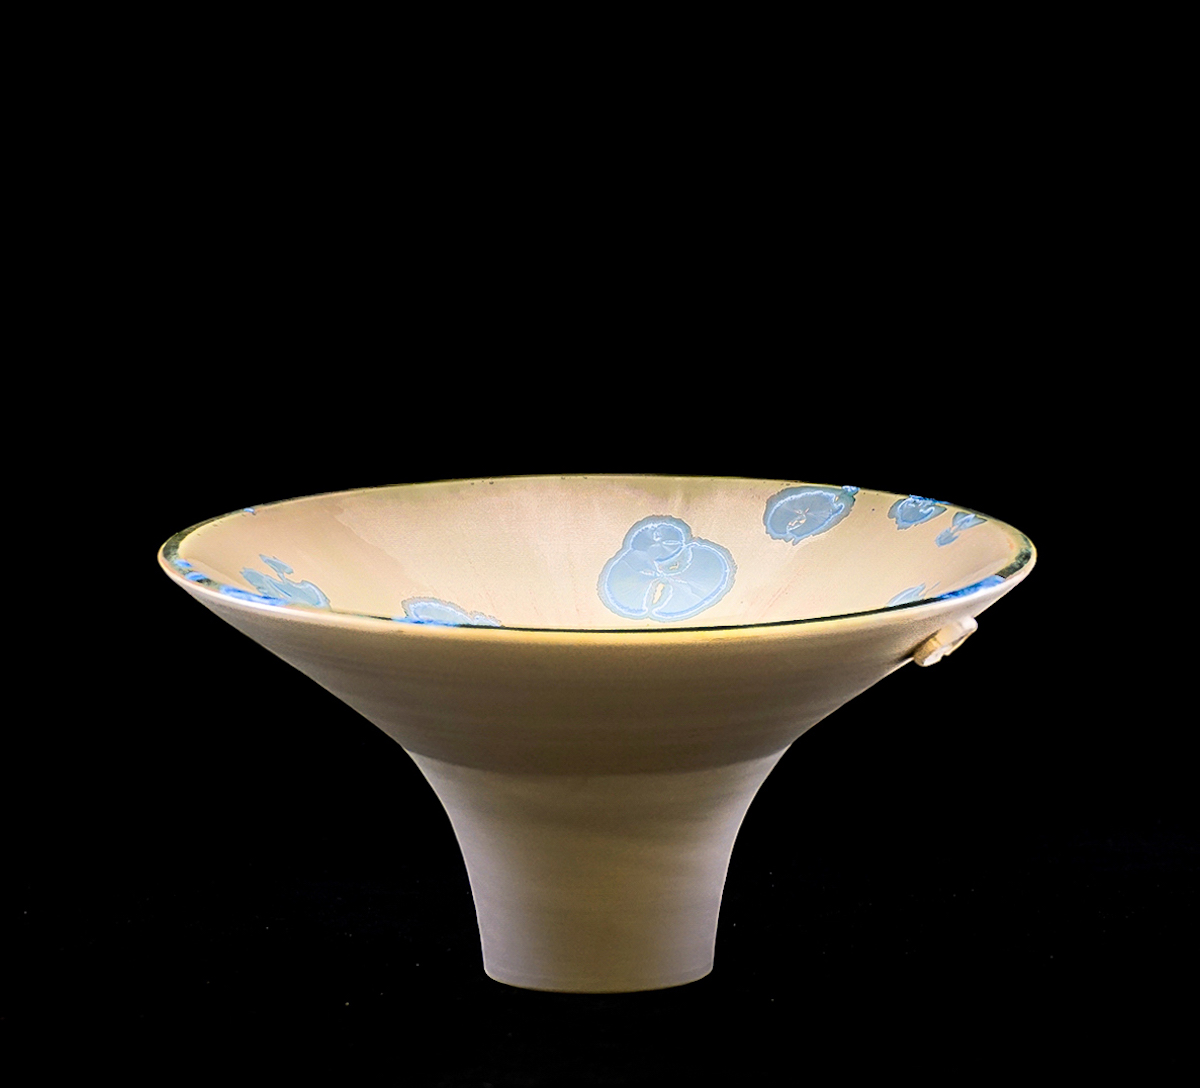 Lotta Kvist Konsthantverk | Drejat porslin, kristallglasyr H12 x B24 x D24 cm 2 800 kr lottakvistart.com